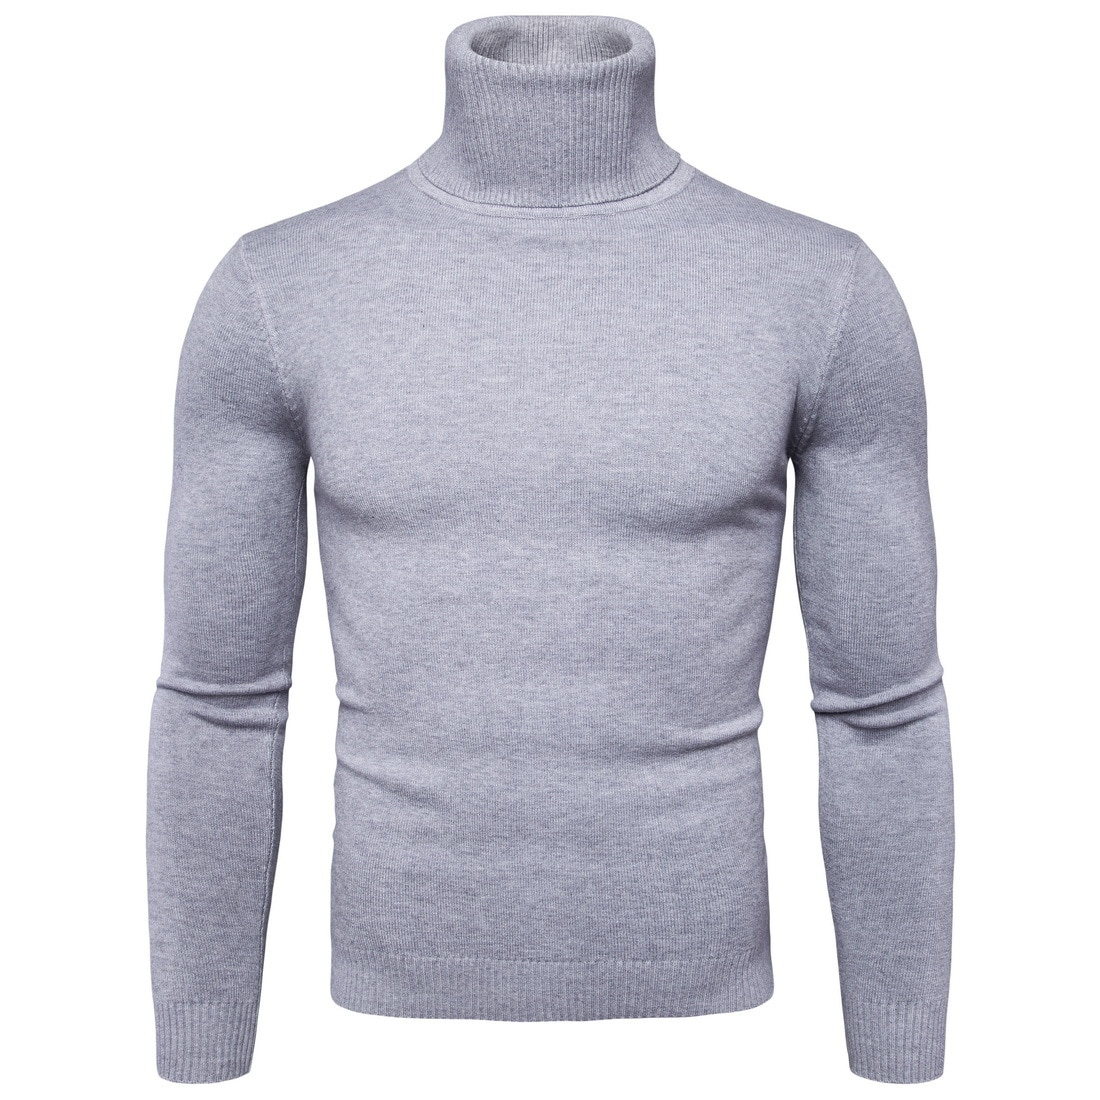 Мужской теплый свитер-водолазка FAVOCENT, модный однотонный вязаный мужской свитер 2020, повседневный мужской облегающий пуловер с двойным ворот...